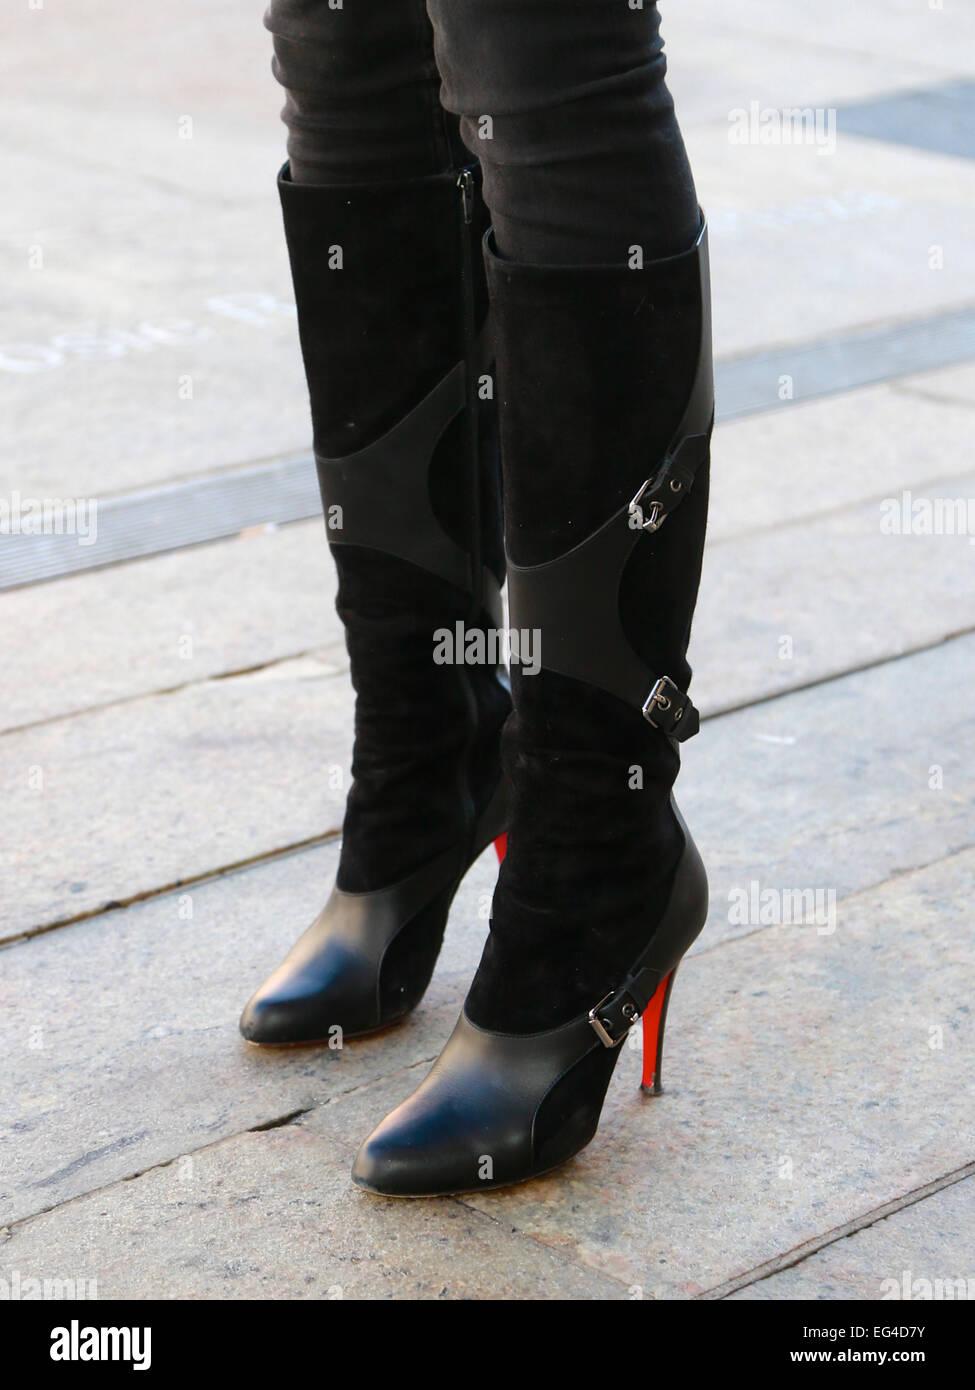 b0178e8efdf Black Suede Knee High Boots Stock Photos   Black Suede Knee High ...